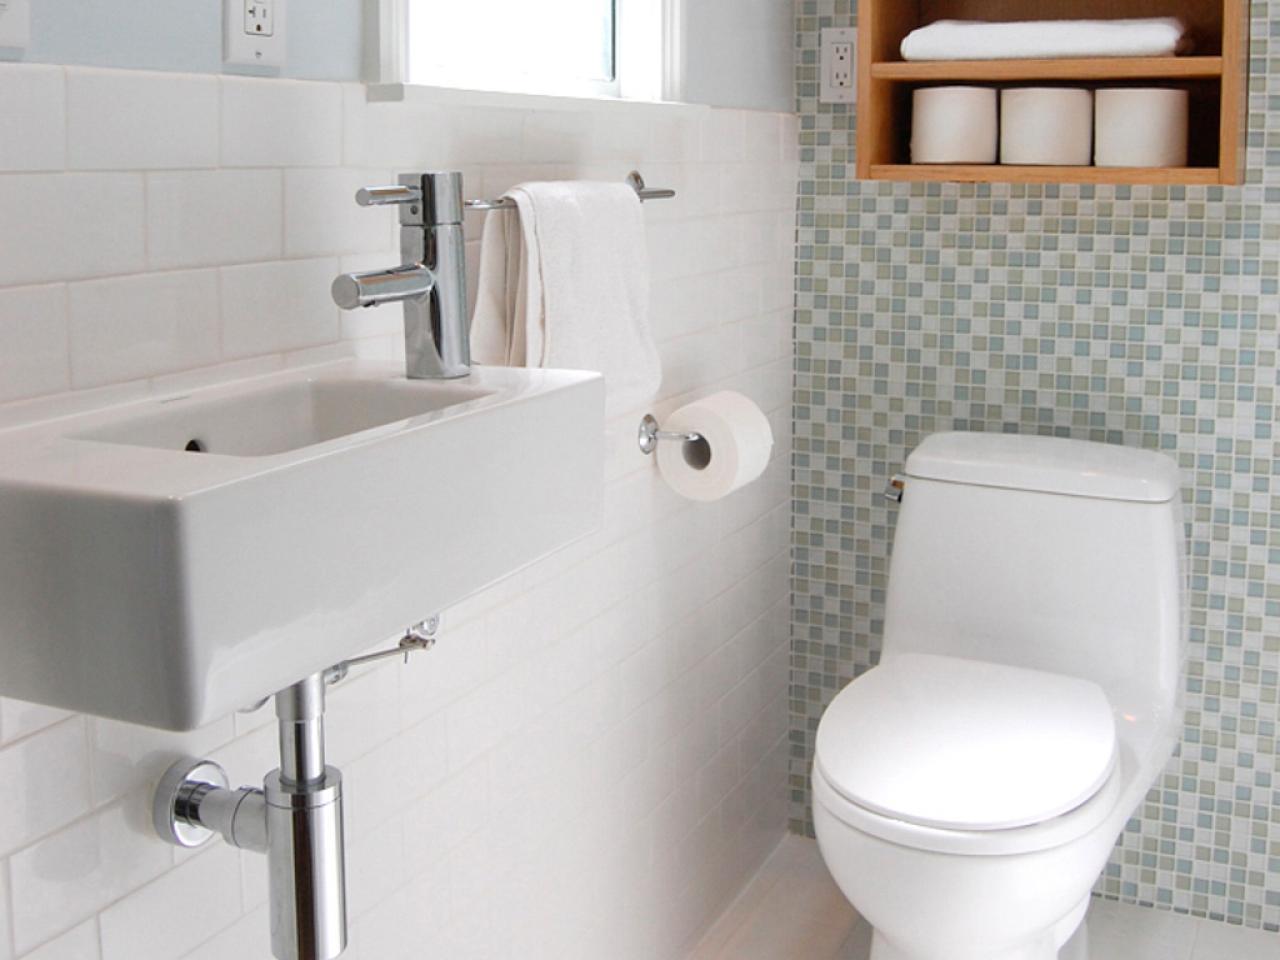 Угловая раковина в ванную: 95 фото примеров использования и советы по выбору